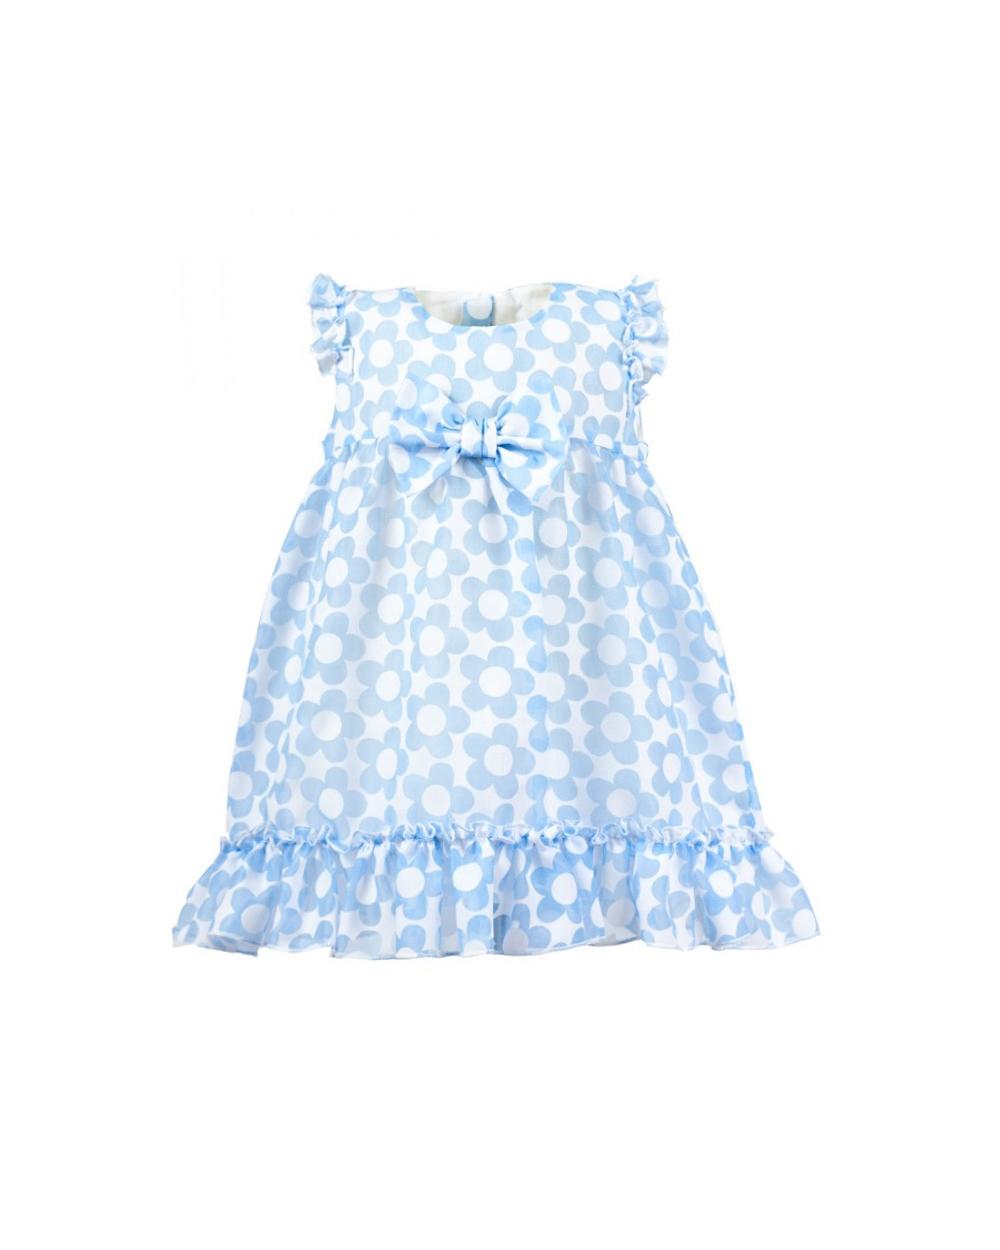 2247083b86 Letnia sukienka dla maluszka 68-86 Malwinka niebieski